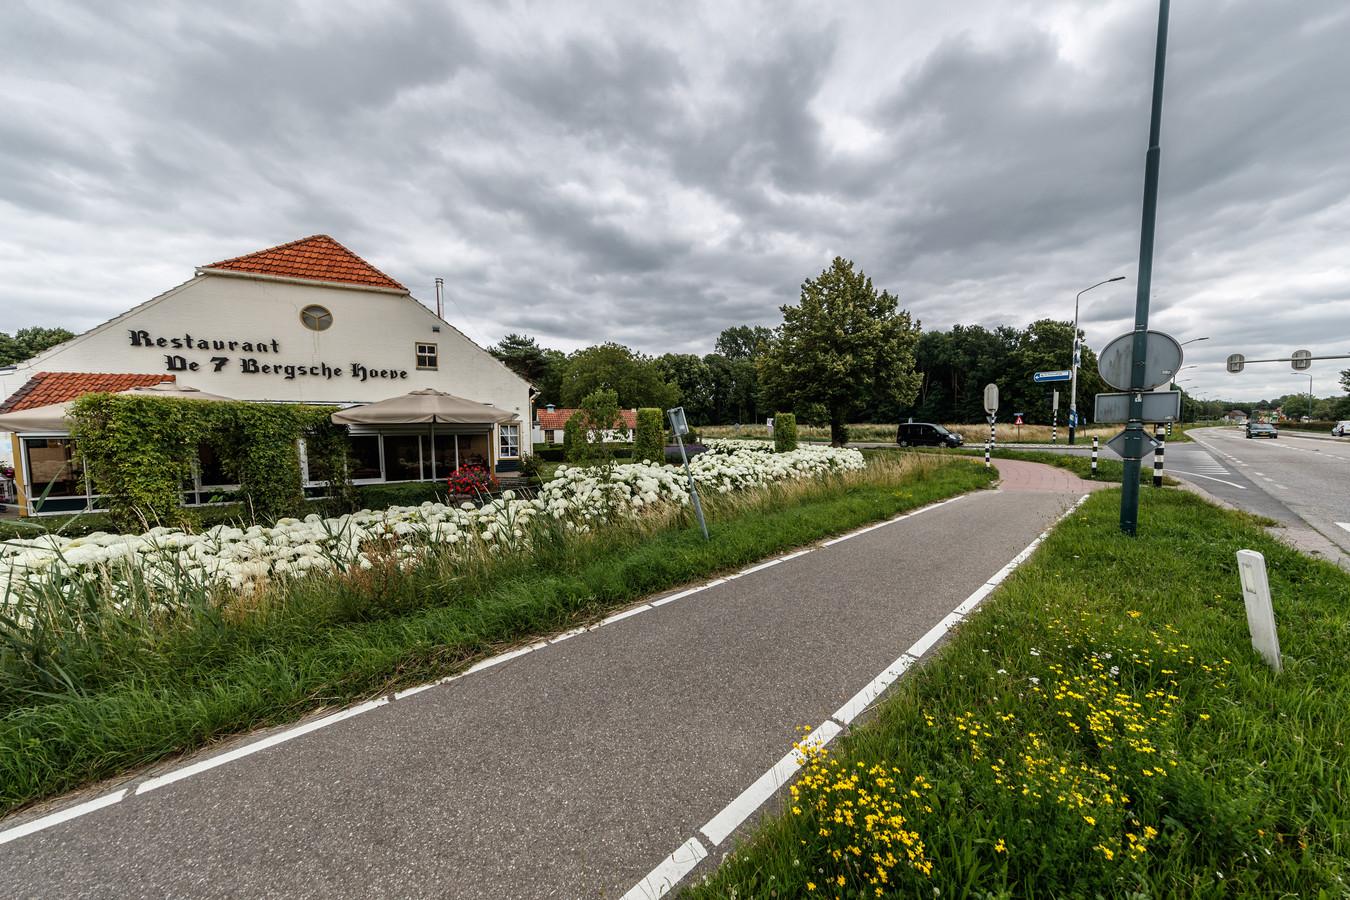 De 7 Bergsche Hoeve is verkocht aan dezelfde ontwikkelaar die aan de overkant het bloedlab bouwt. Op de plaats van het restaurant komen appartementen.